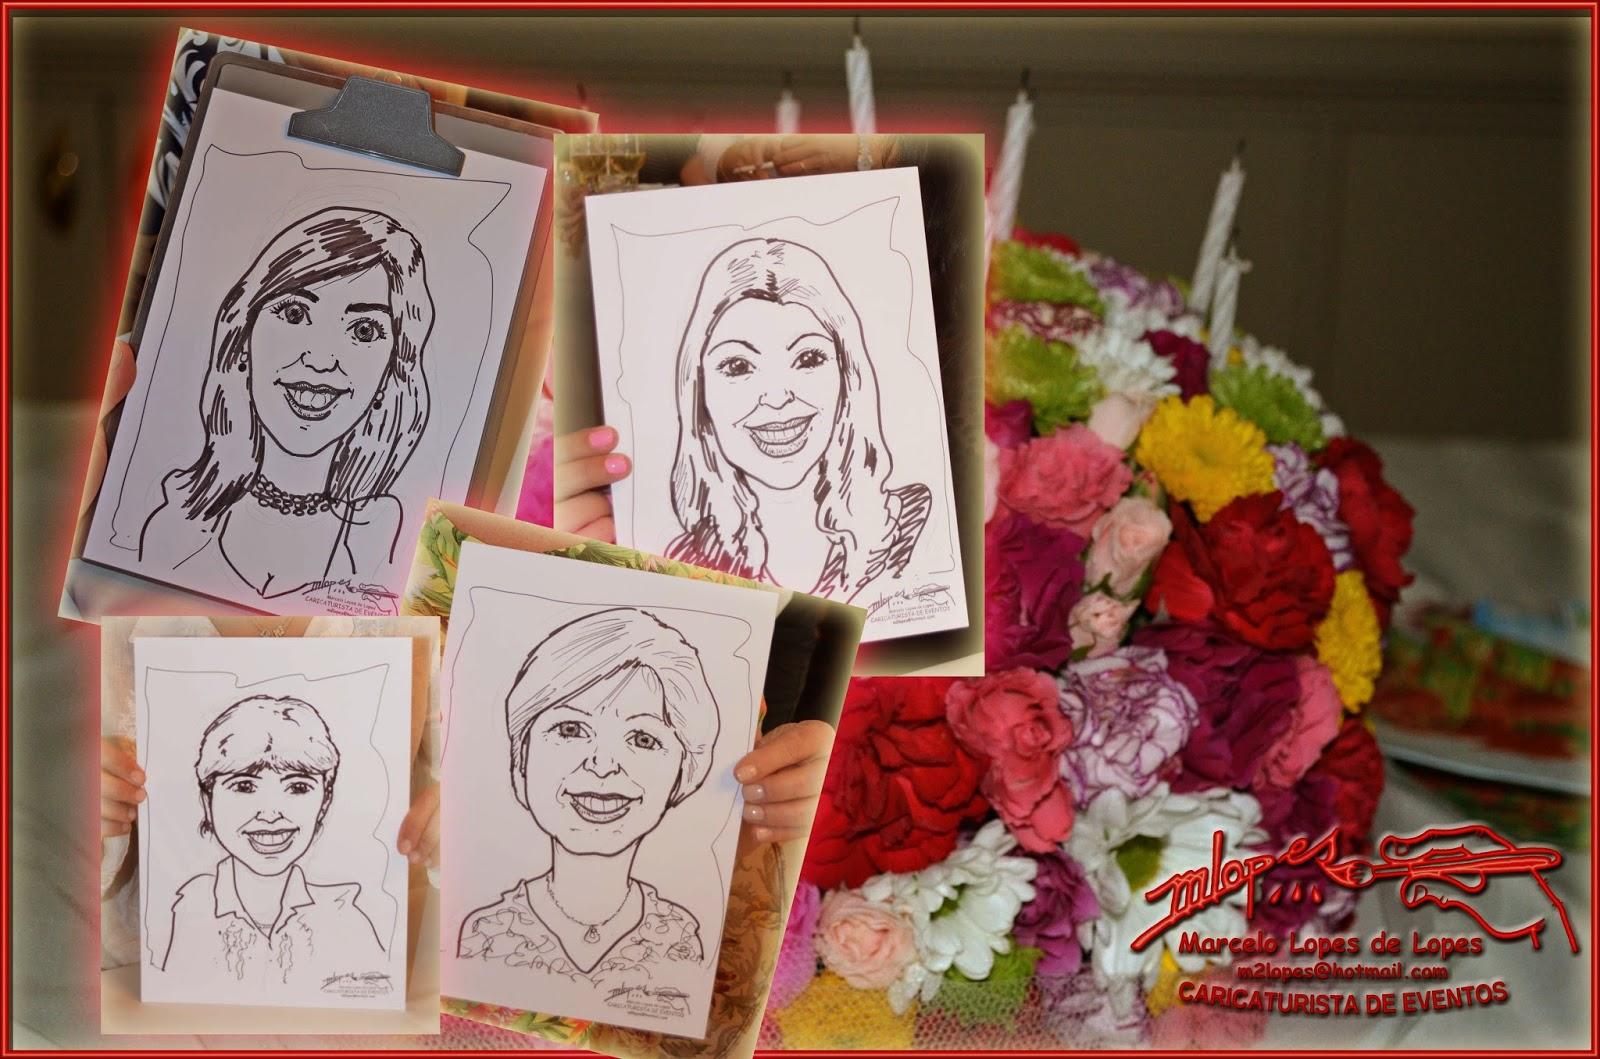 Clique aqui para ver as caricaturas realizadas ao vivo durante a festa